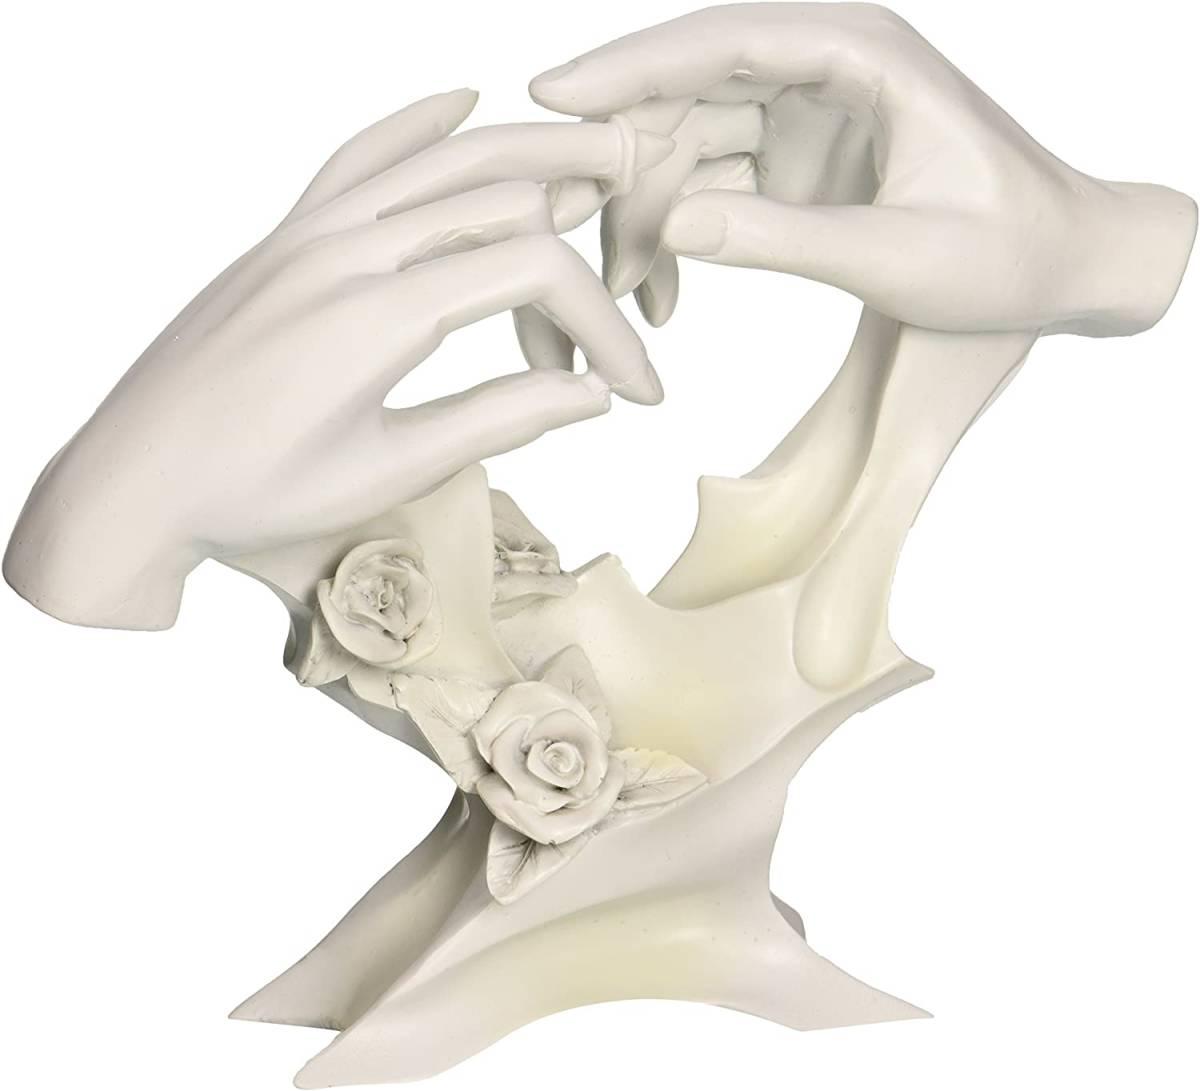 ウェディングリング 結婚指輪と共に アート彫刻 彫像/ 結婚式場 披露宴 ゼクシイ 婚約祝い 結納 納采 記念品 プレゼント贈り物(輸入品_画像2